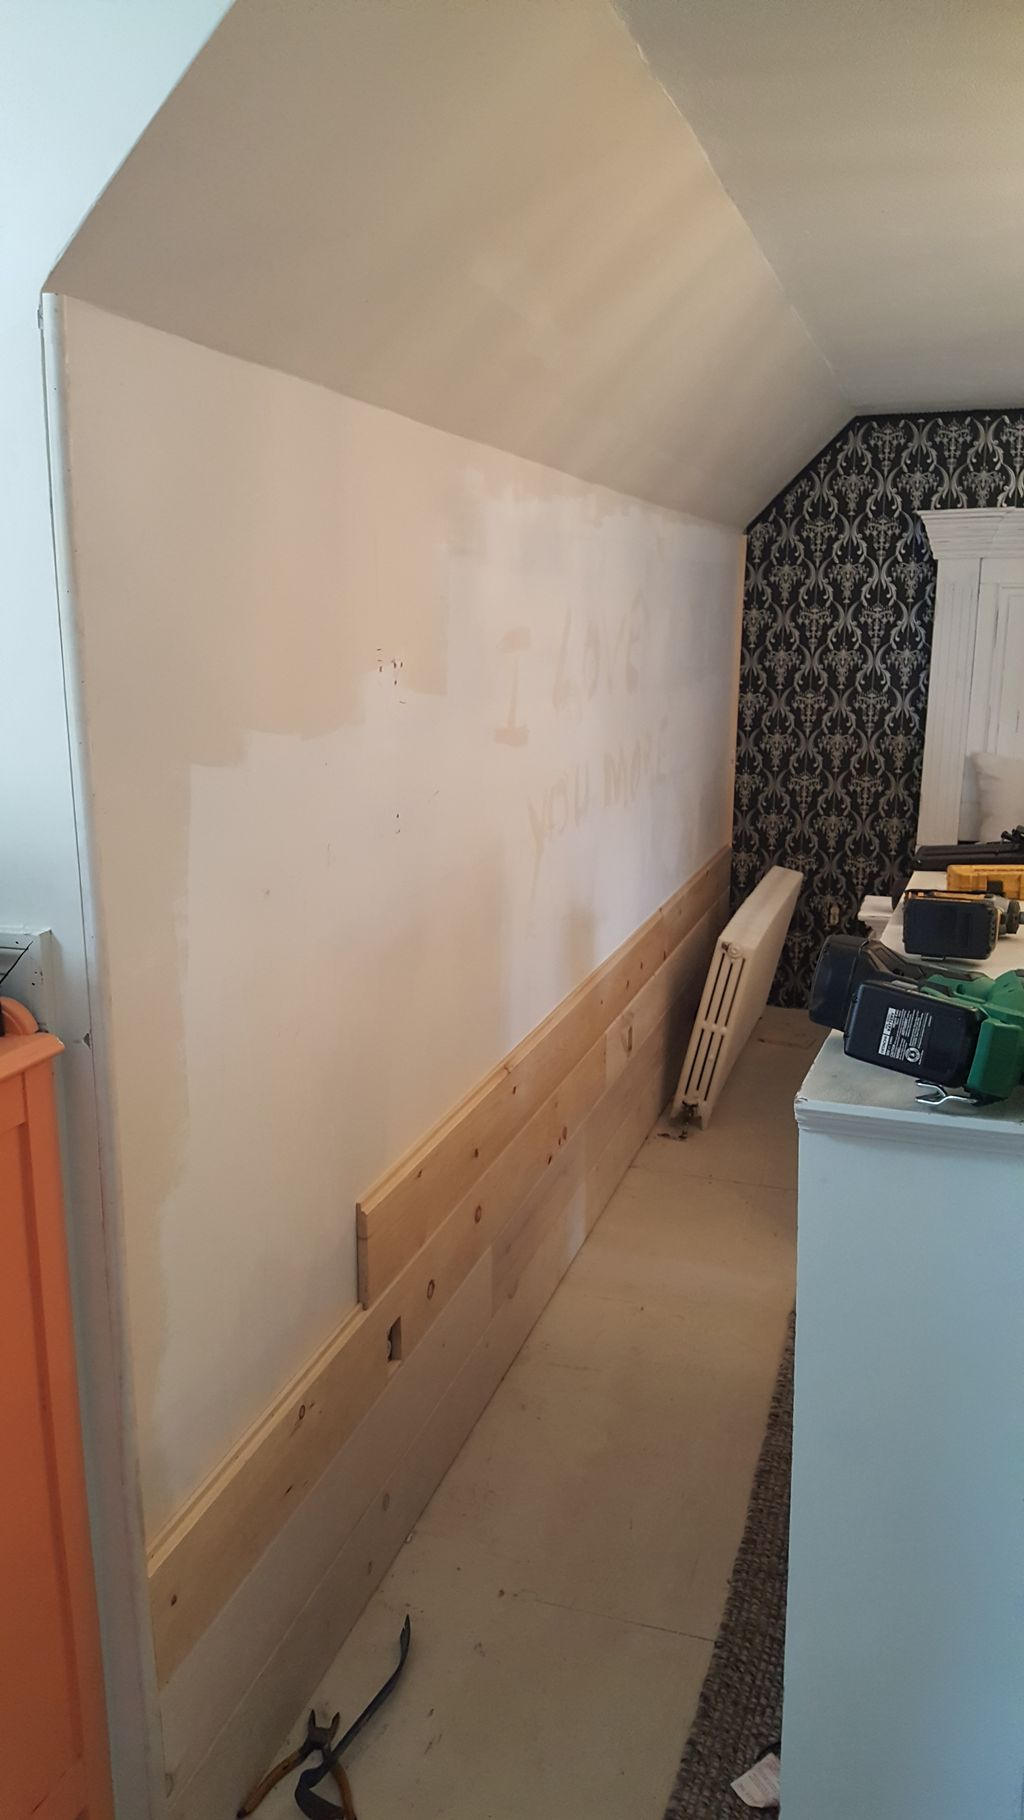 Shiplap Install in Master Bedroom